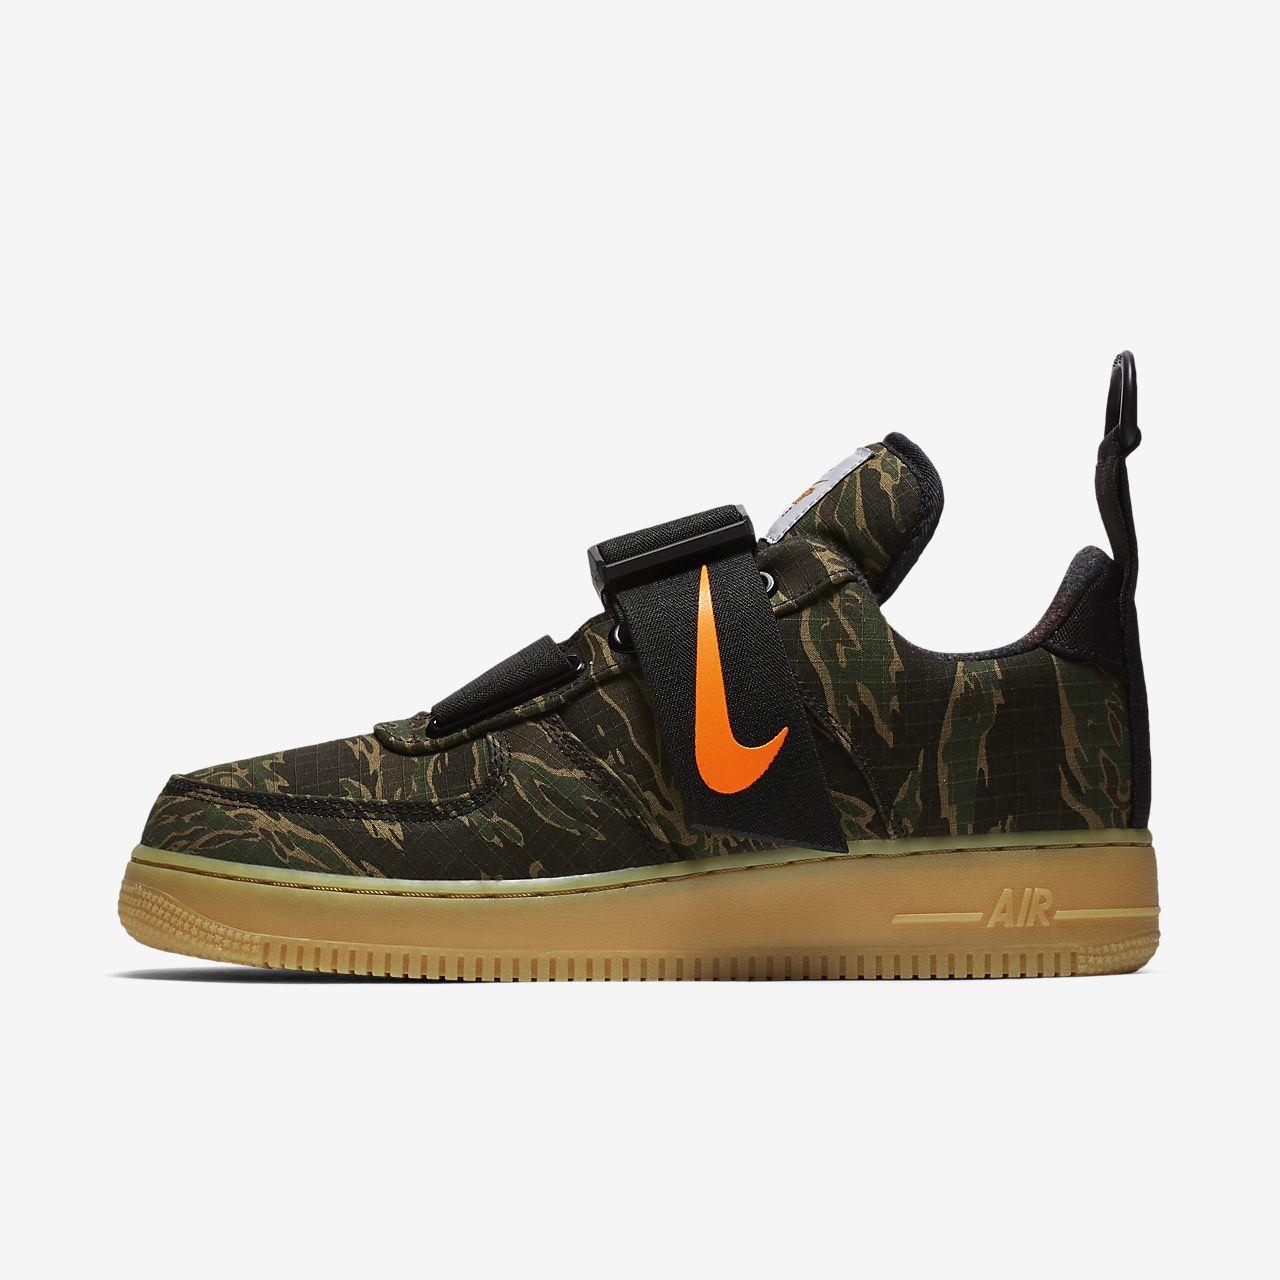 NikeAir Force 1 UT Low PRM WIP男子运动鞋